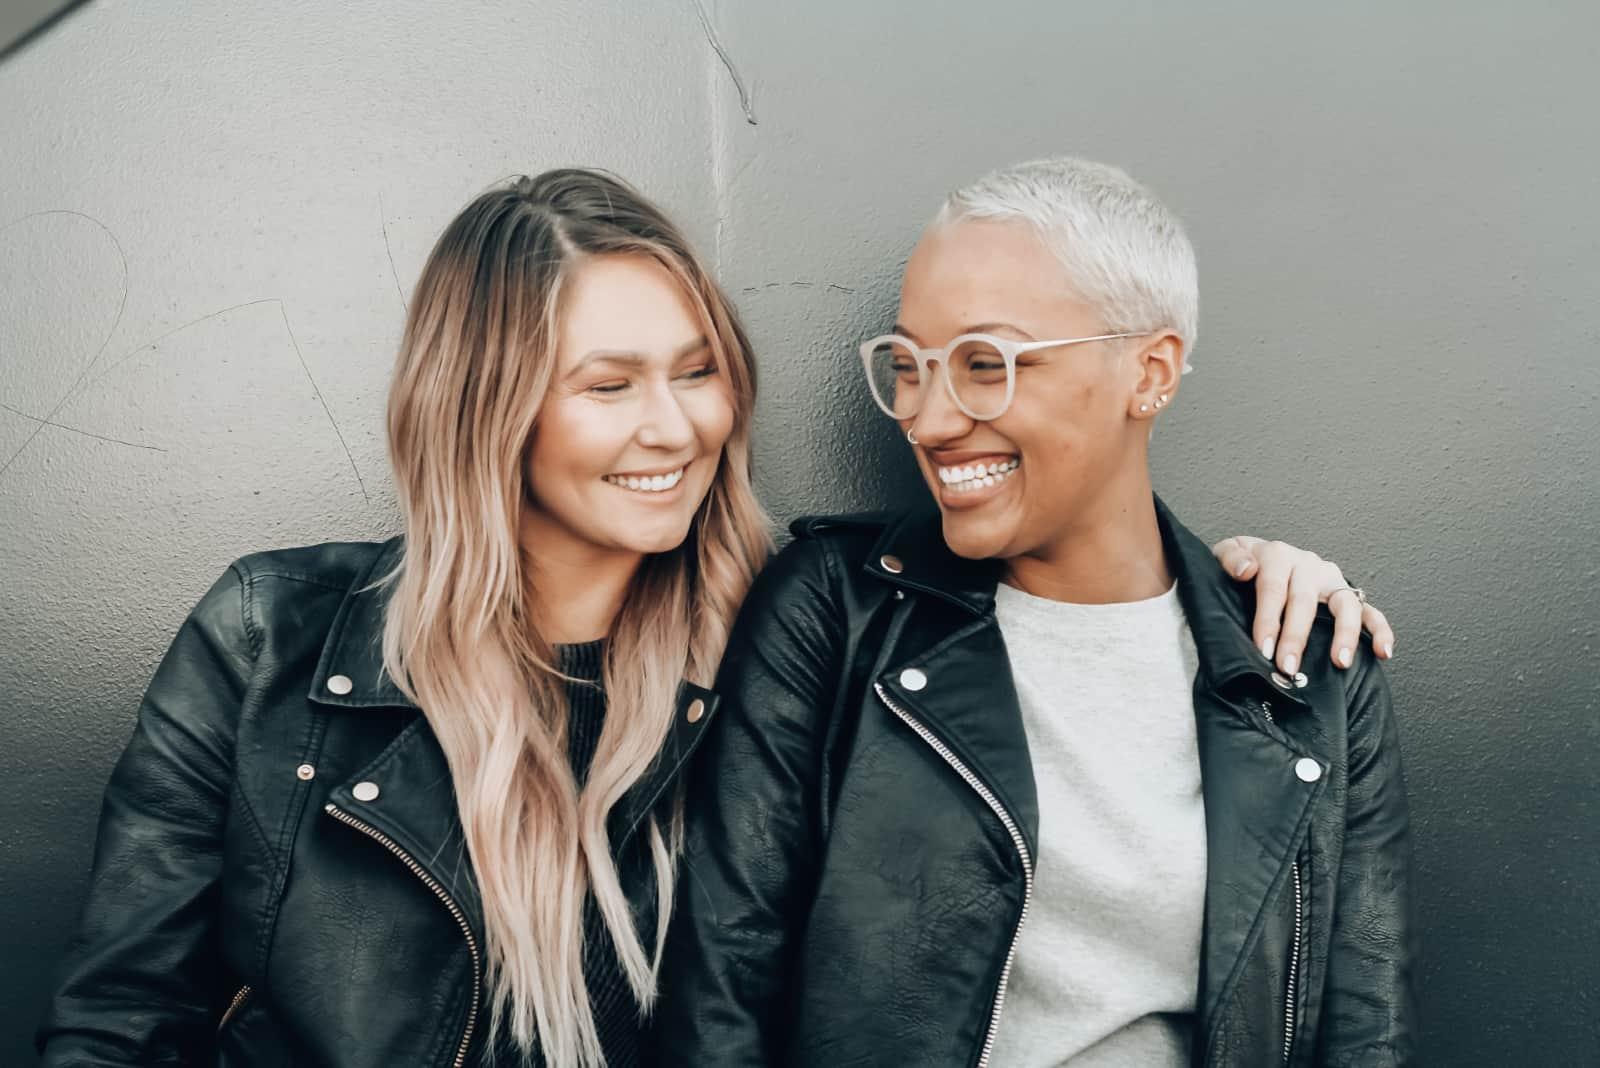 deux femmes heureuses debout près d'un mur